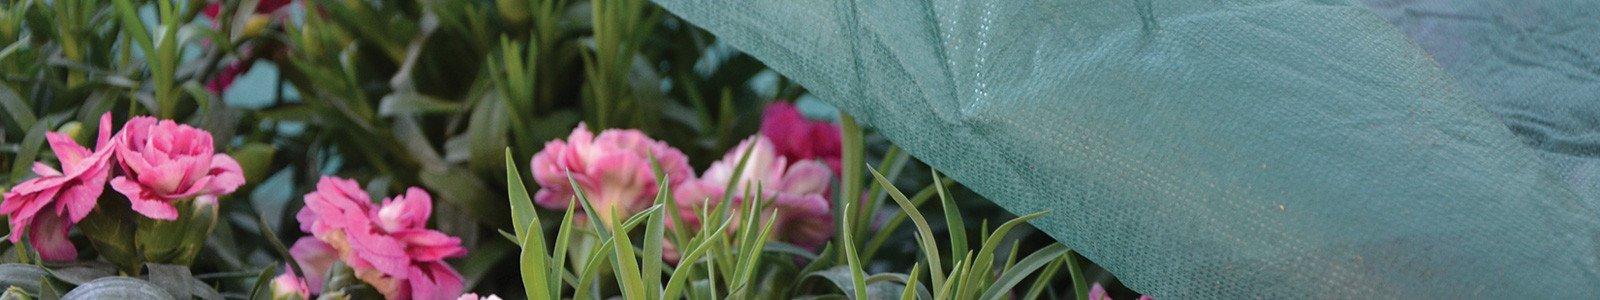 TNT e sistemi di protezione per le piante